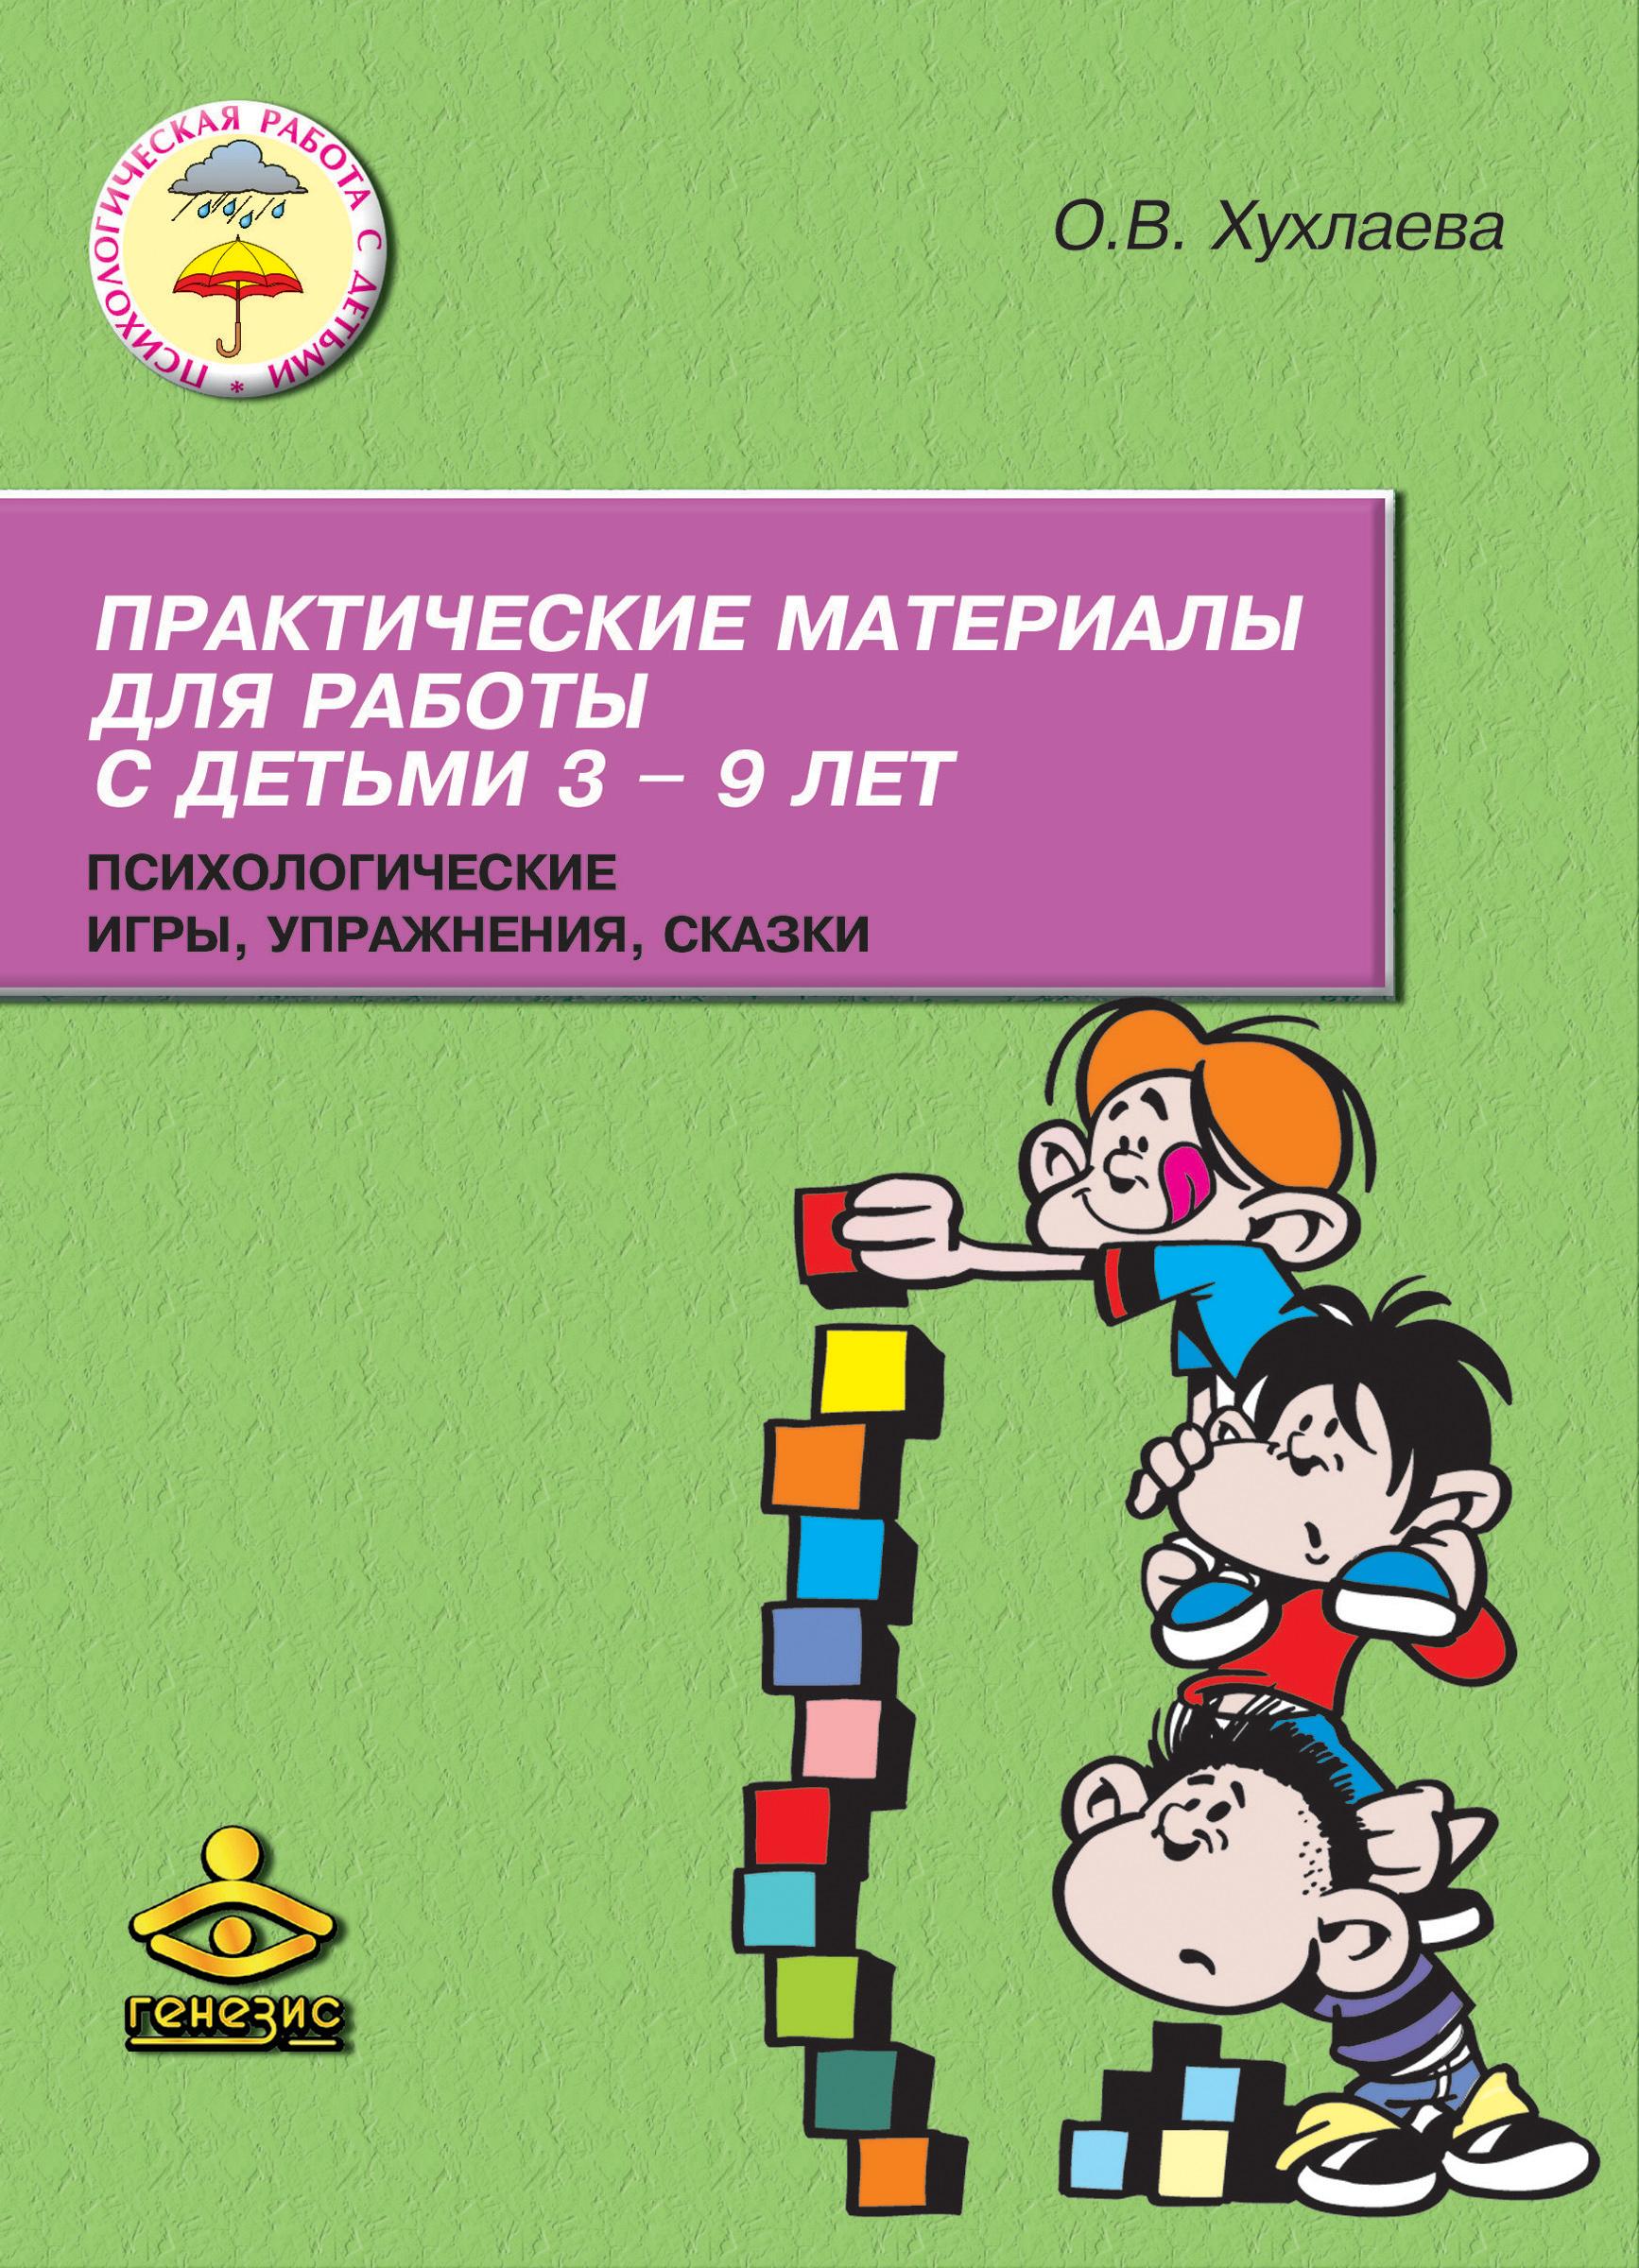 Практические материалы для работы с детьми 3–9 лет. Психологические игры, упражнения, сказки